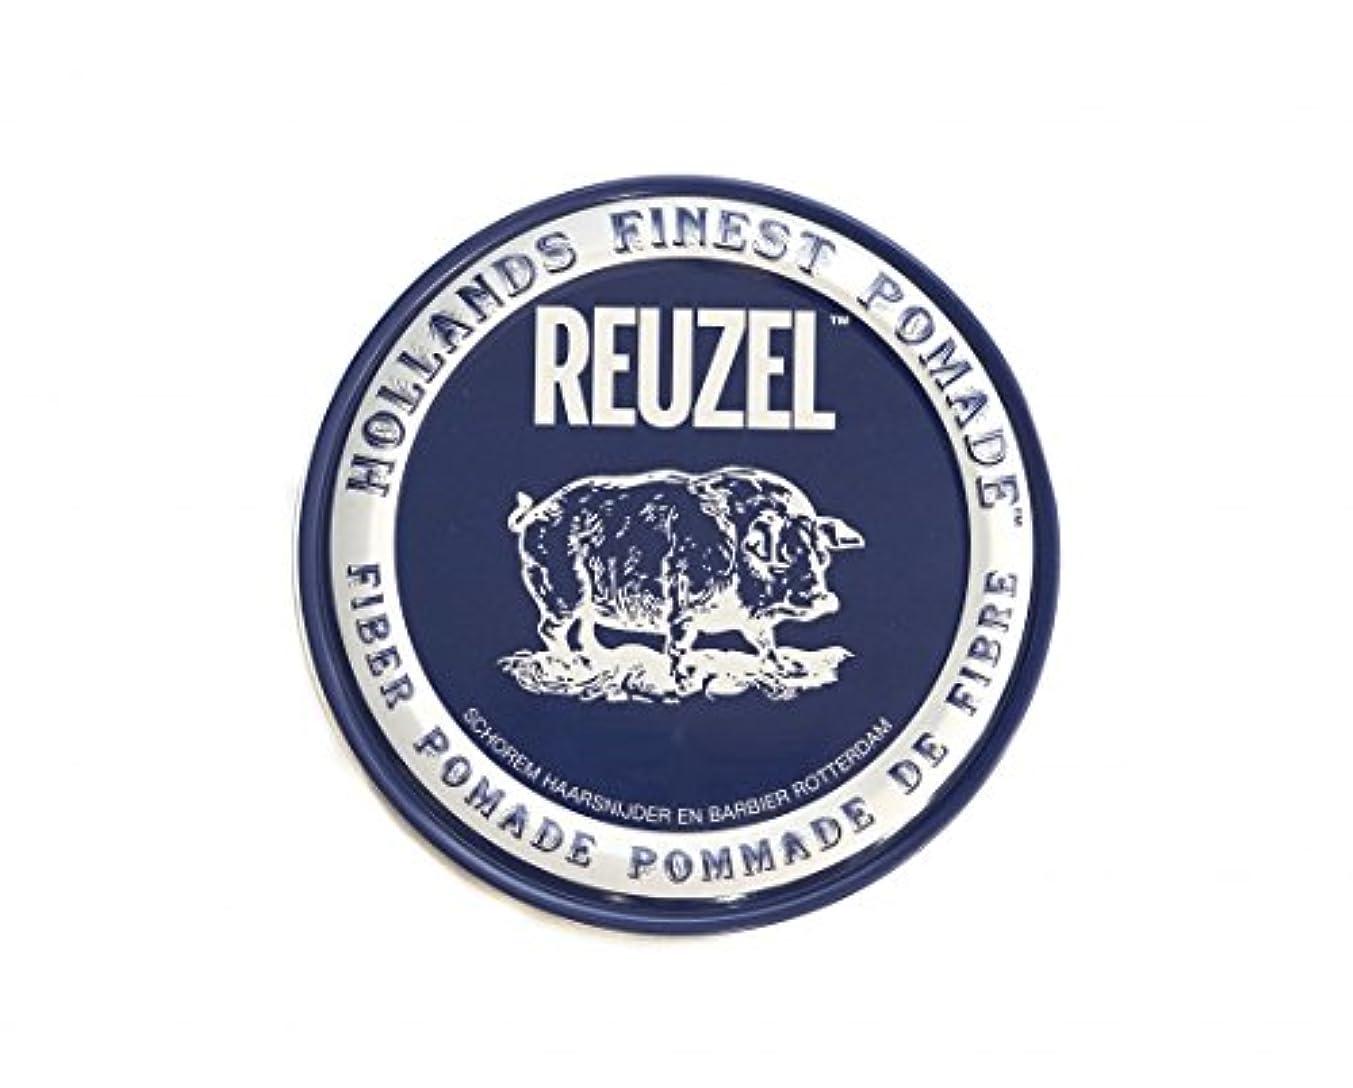 設計図曖昧な作物ルーゾー REUZEL FIBER ファイバー ポマード ネイビー 340g